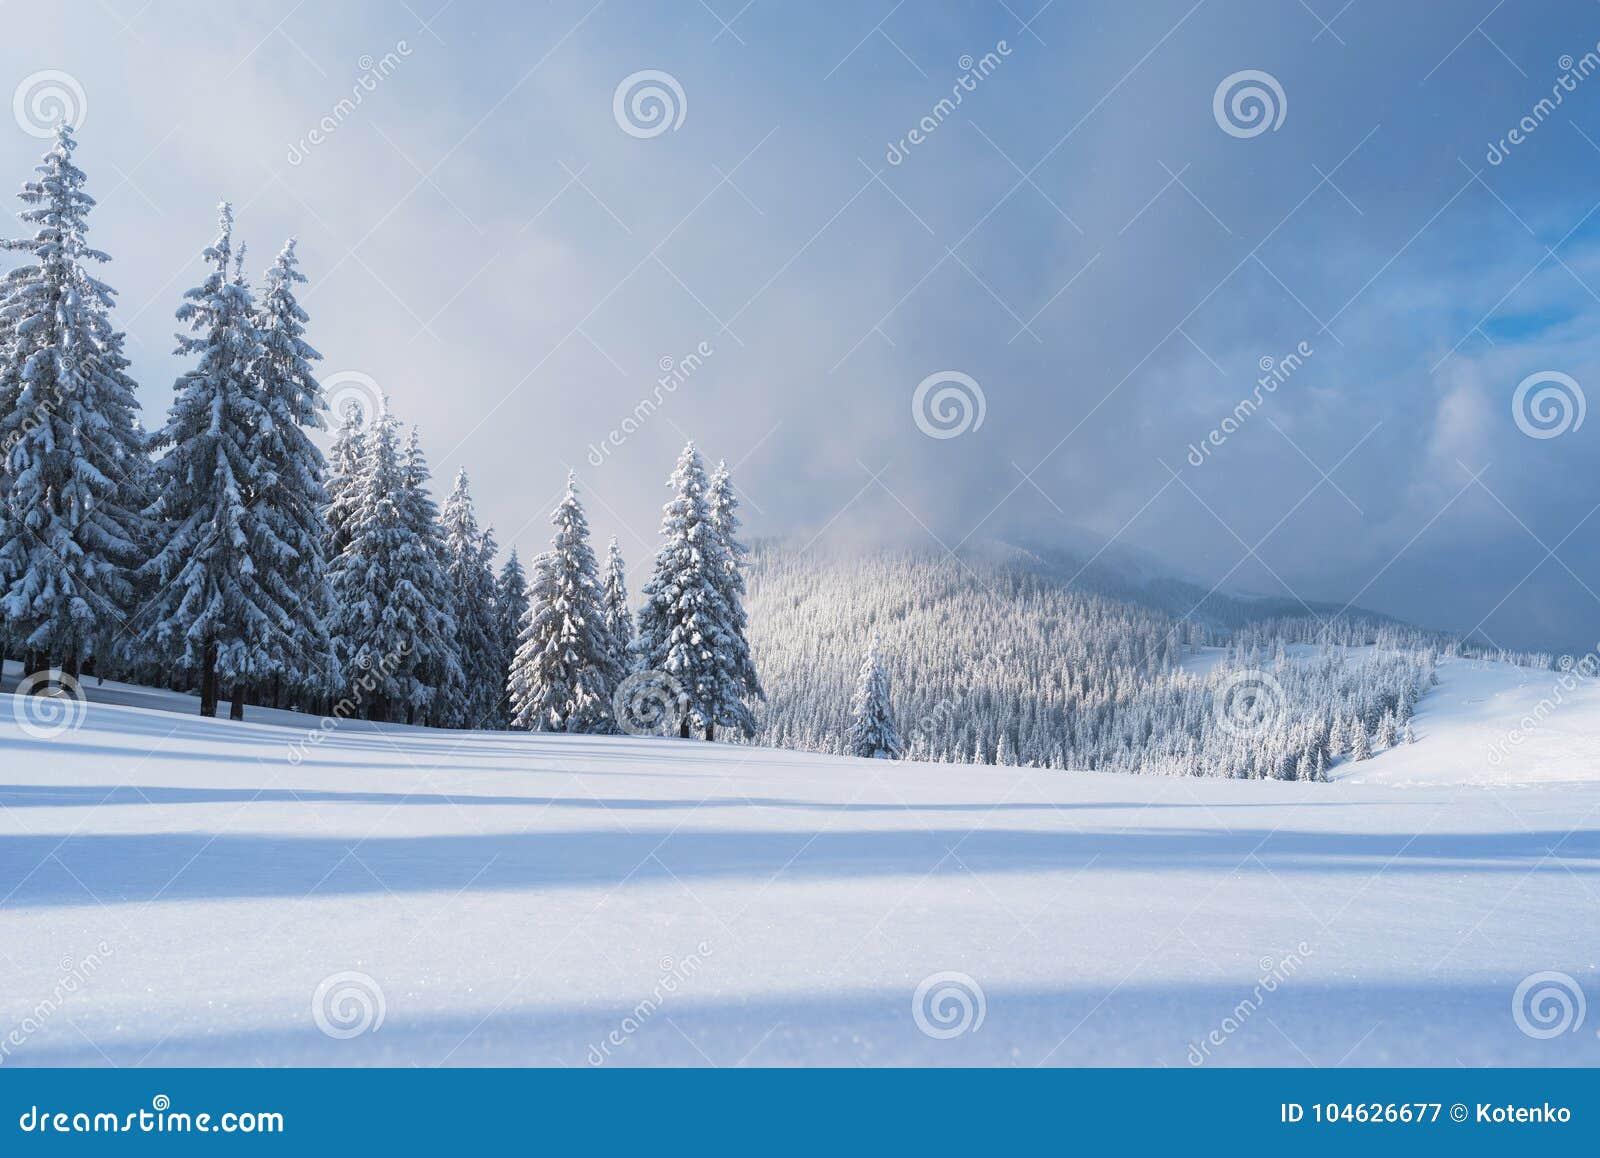 Download Kerstmislandschap Met Sparren In De Bergen Stock Afbeelding - Afbeelding bestaande uit spar, achtergrond: 104626677